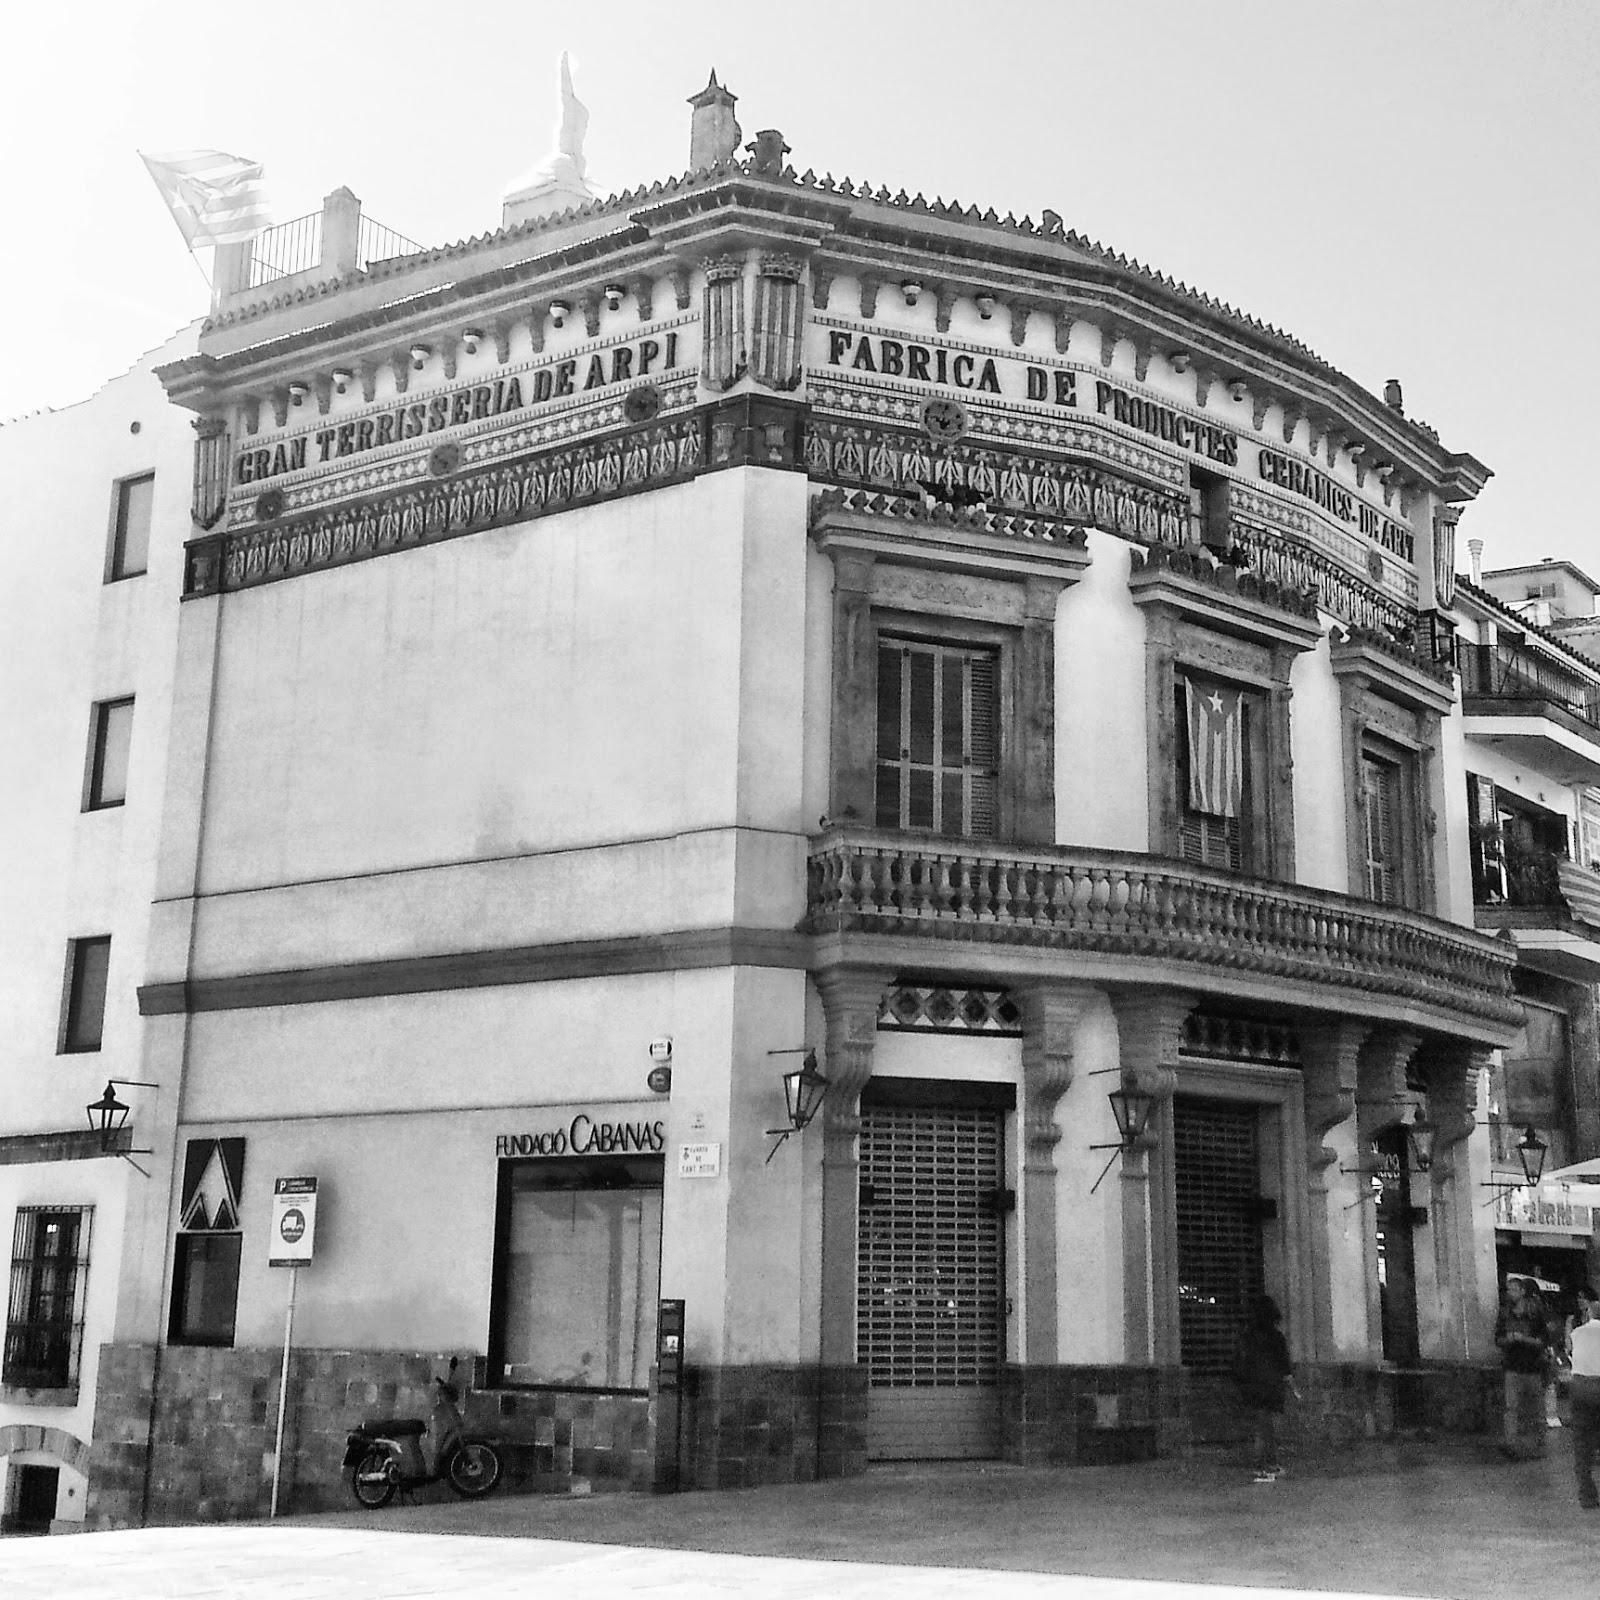 Terrisseria Arpí (Sant Cugat del Vallès)